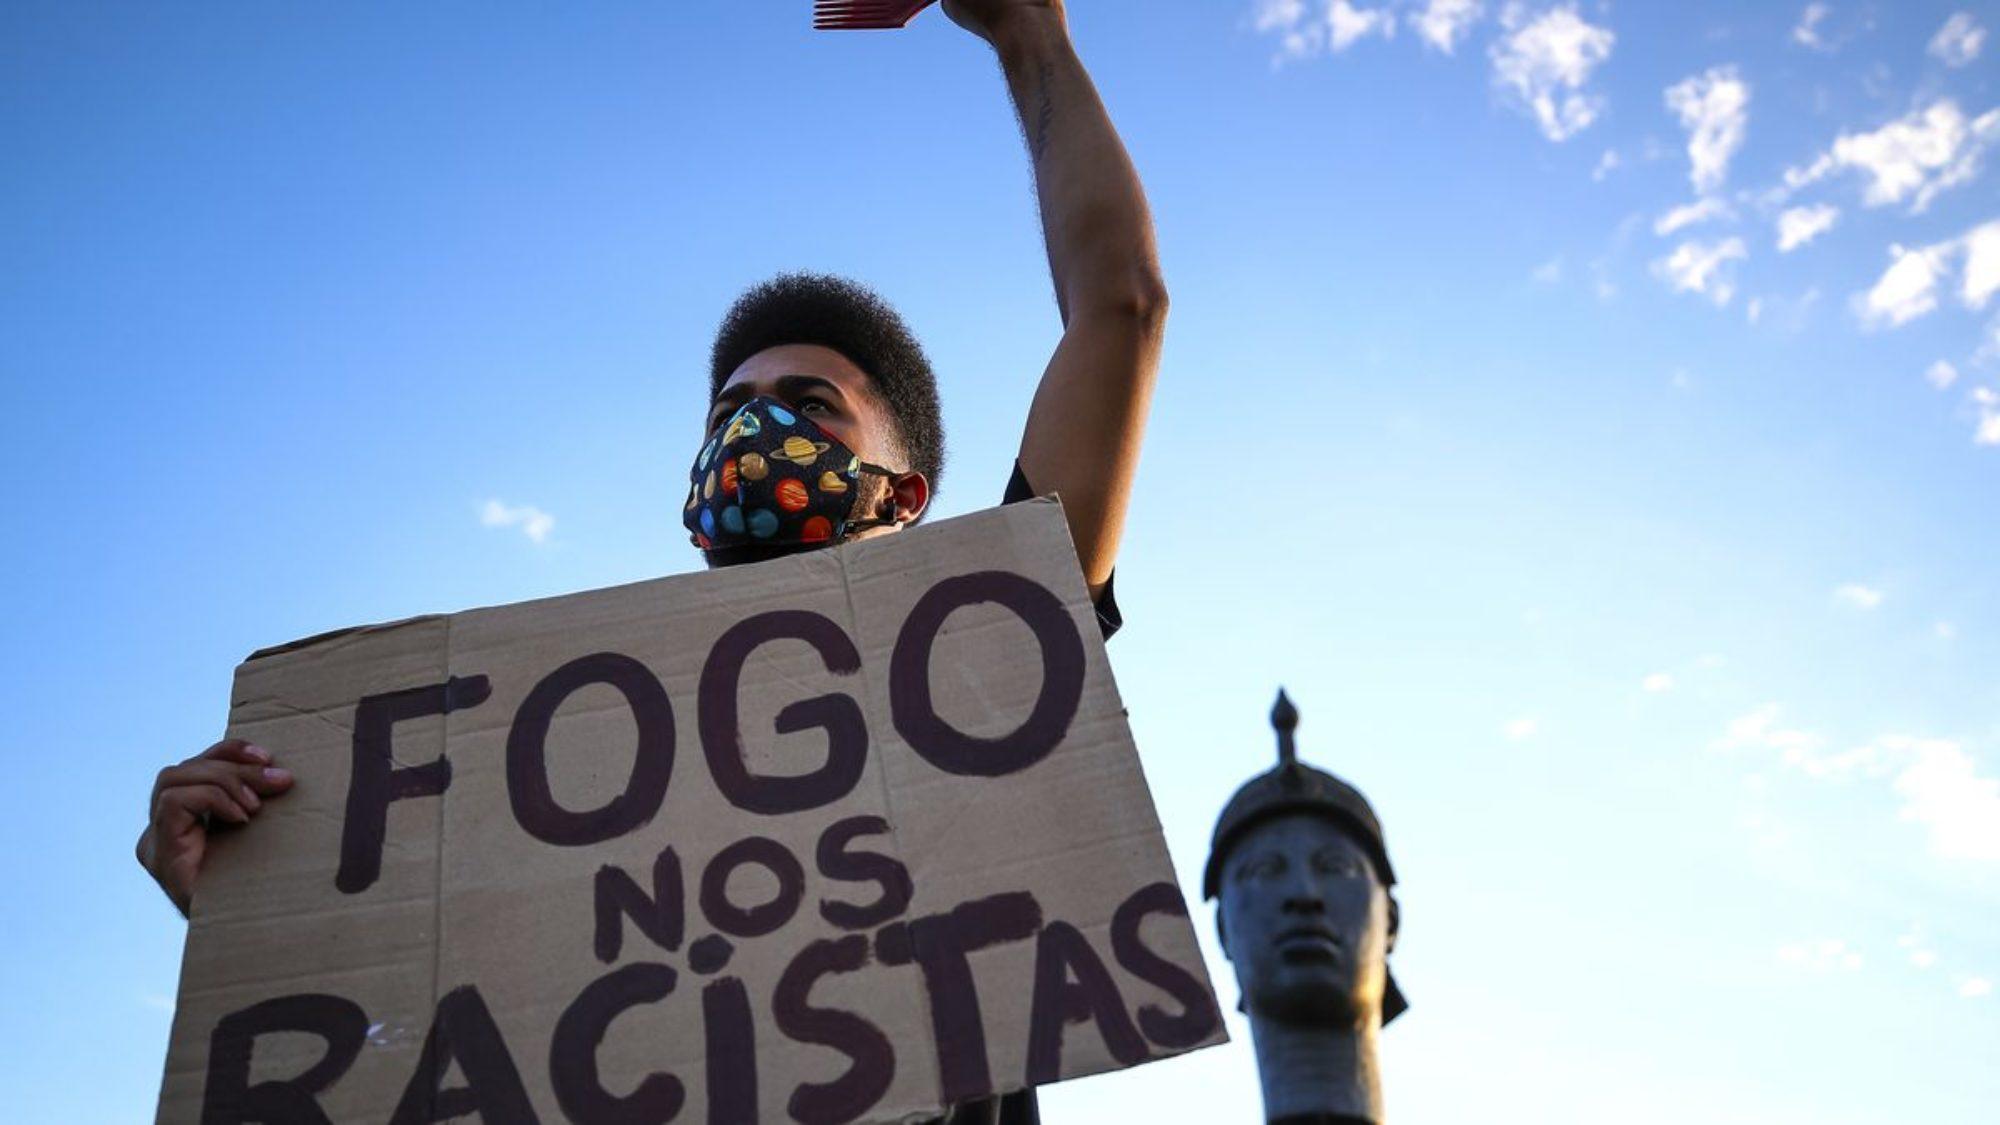 Protestor in Brazil